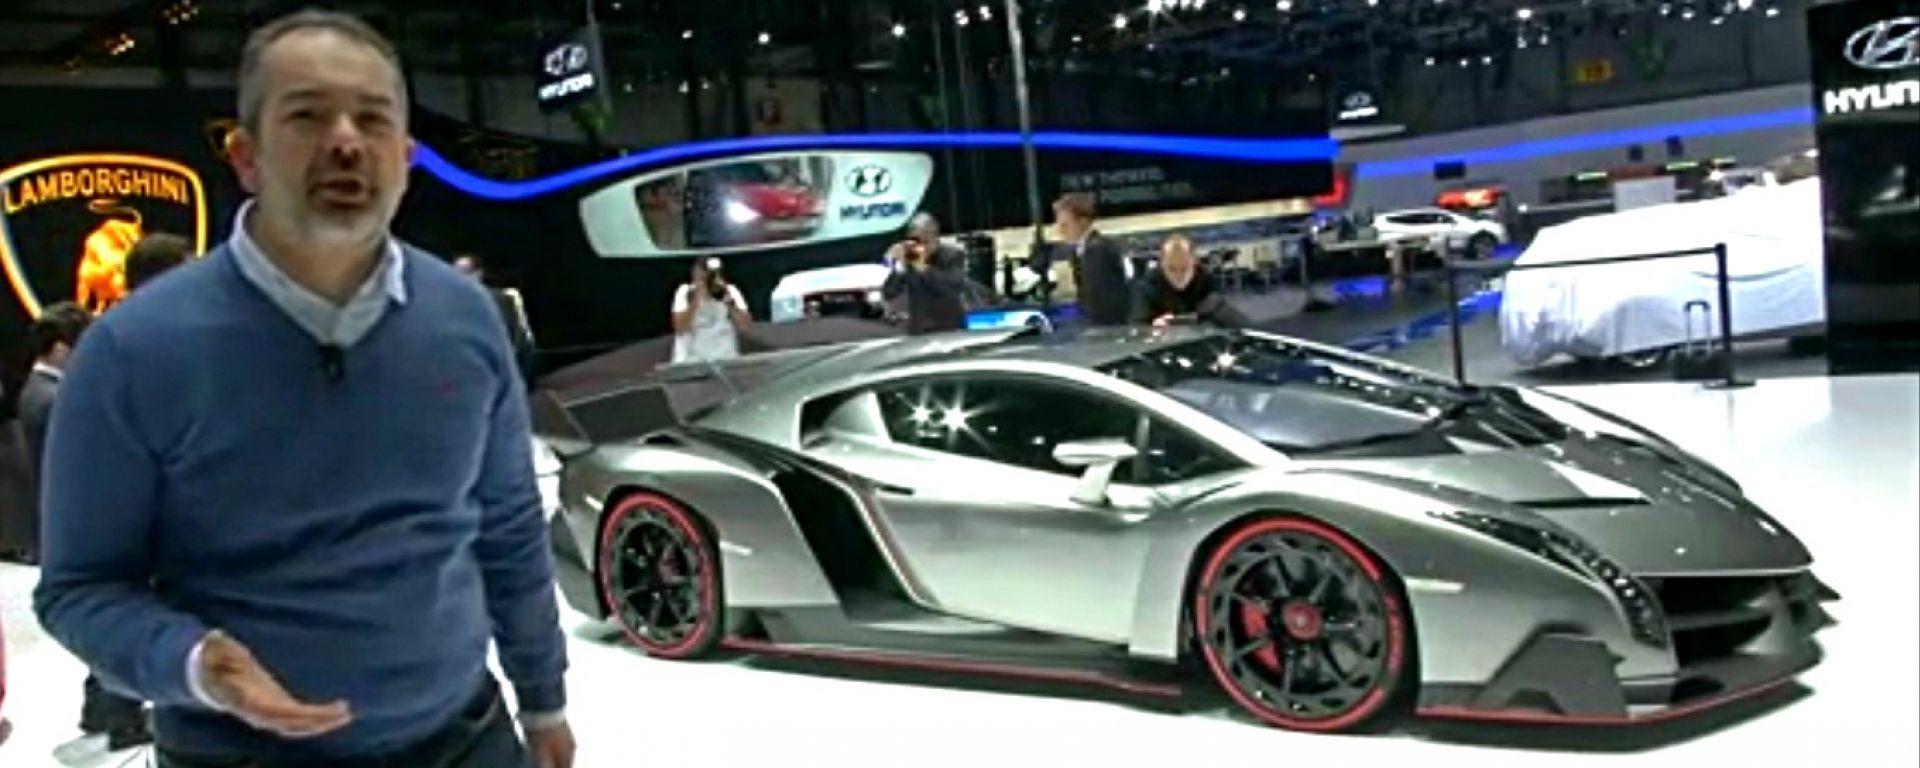 Salone di Ginevra 2013: Lamborghini